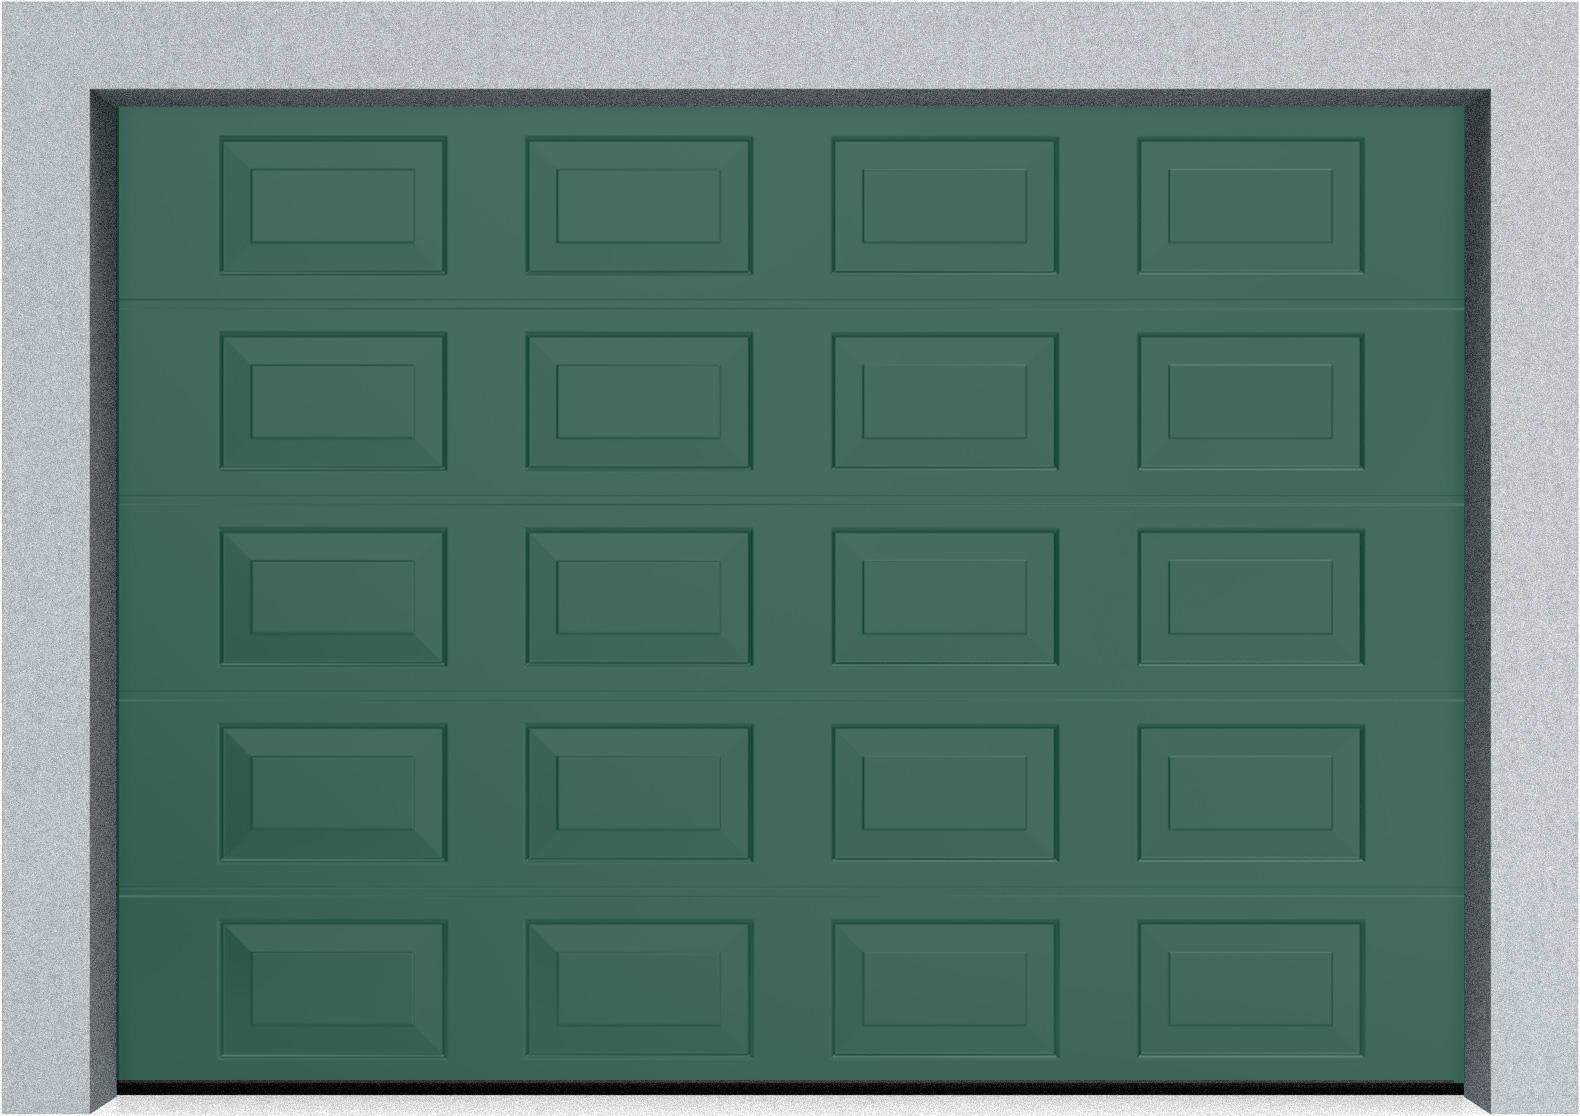 Секционные гаражные ворота DoorHan RSD01 3500x2000 Филенка стандартные цвета, пружины растяжения, фото 7